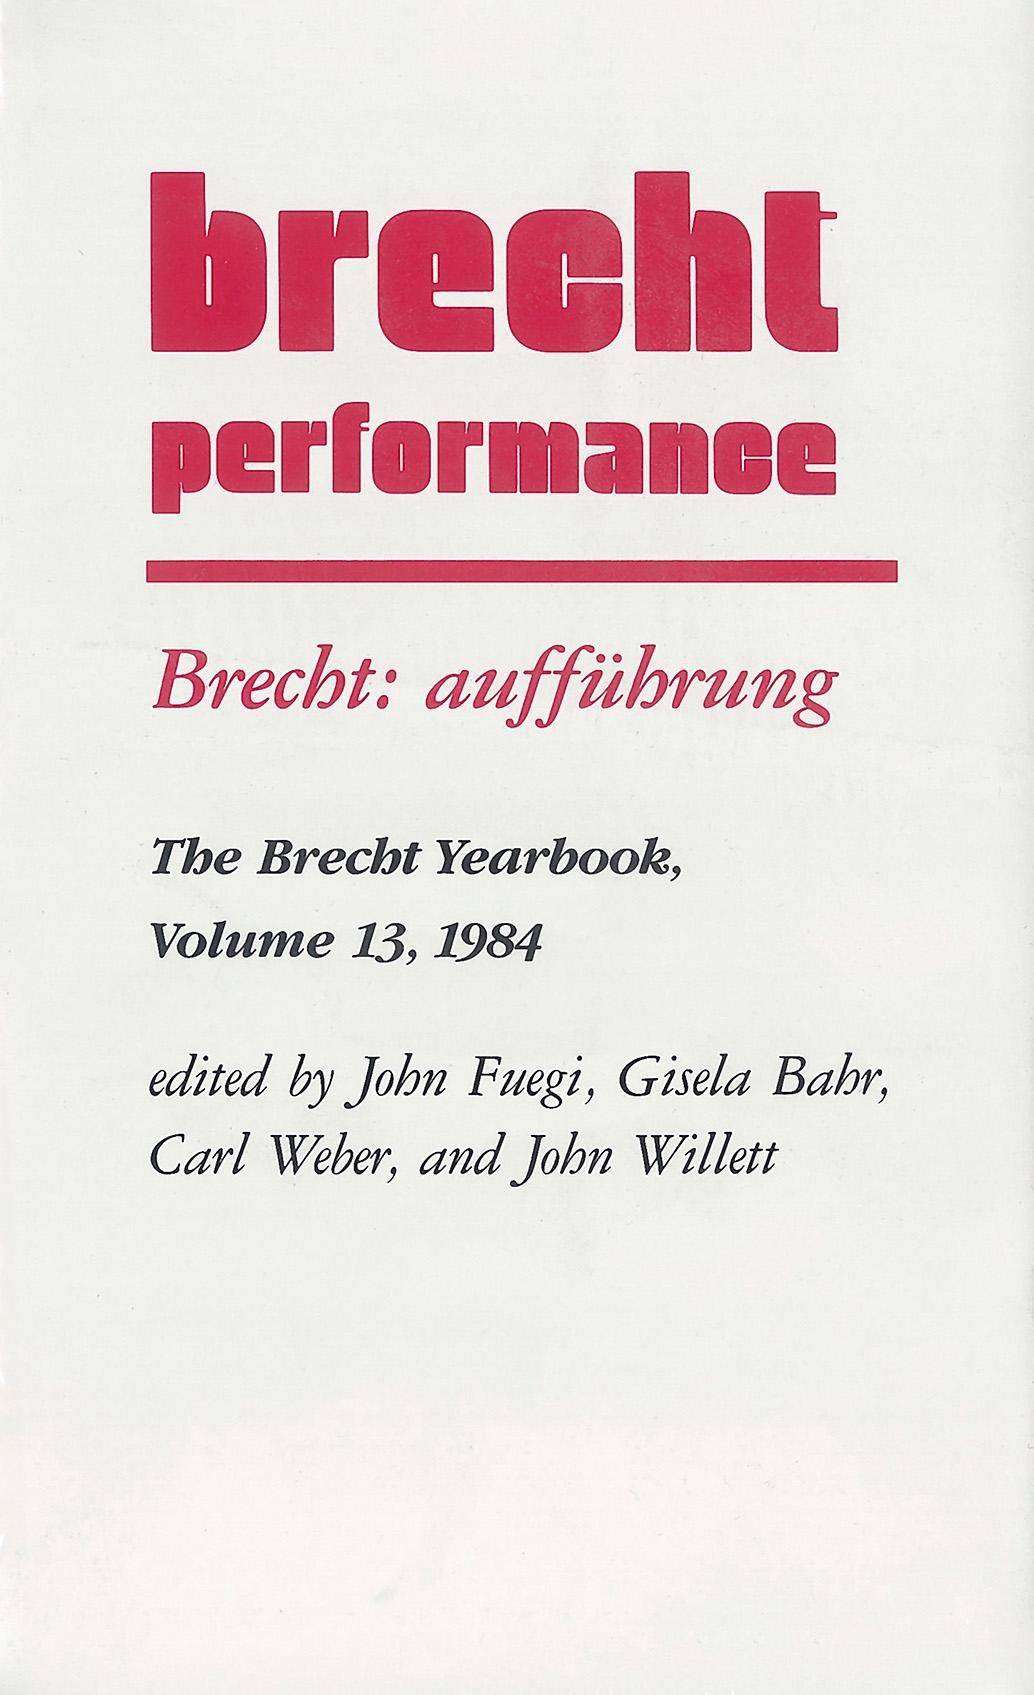 Brecht: aufführung John Fuegi